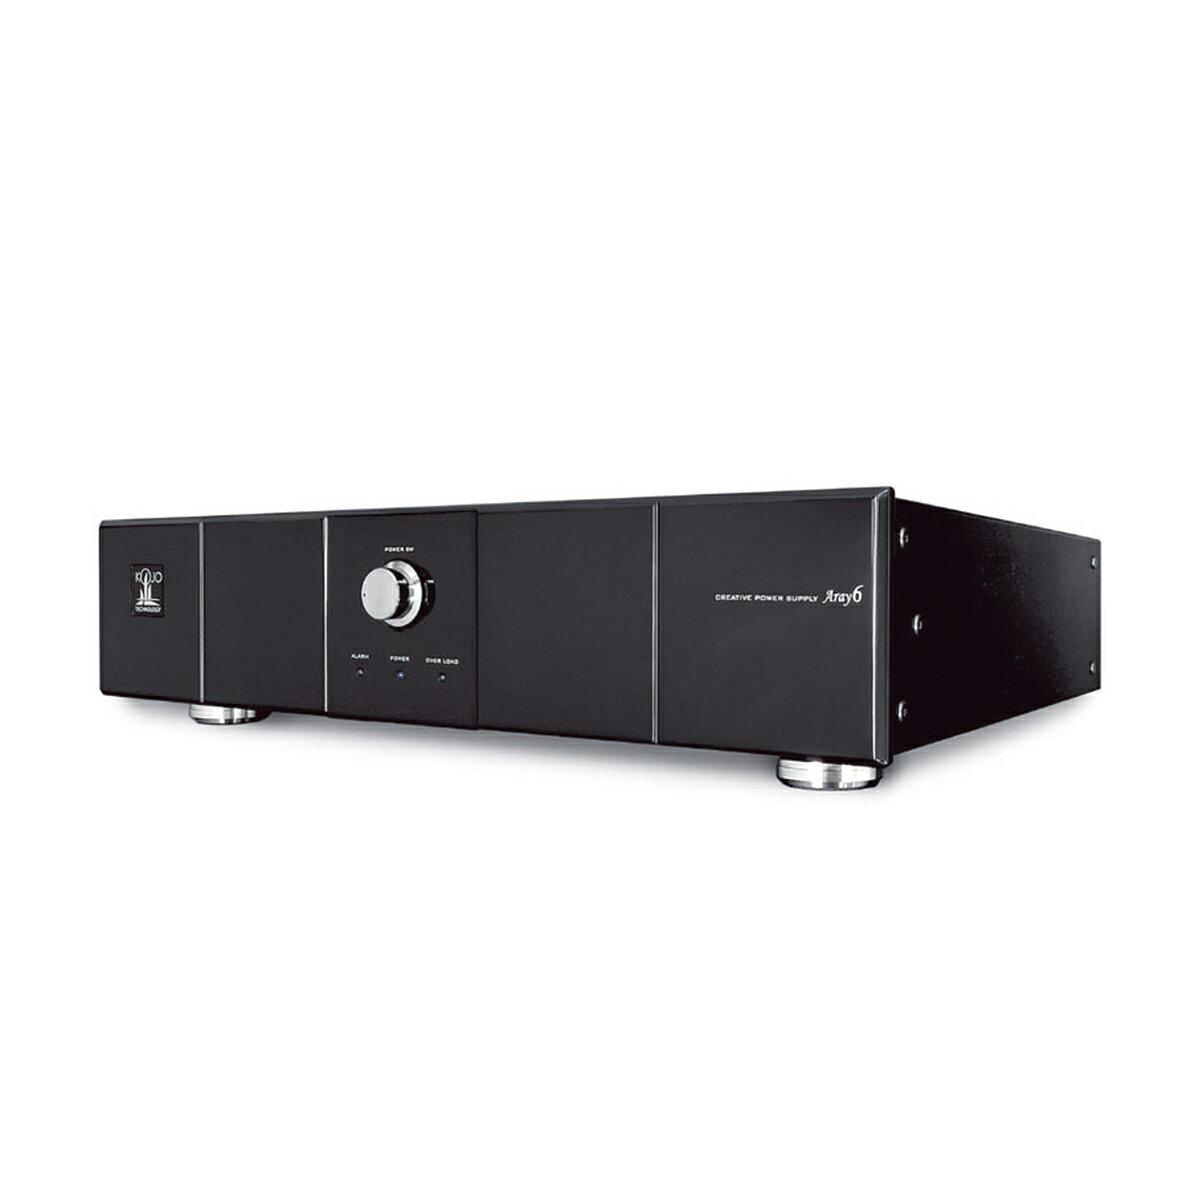 無線・トランシーバー用アクセサリー, 安定化電源 KOJO TECHNOLOGY Aray6 MKII